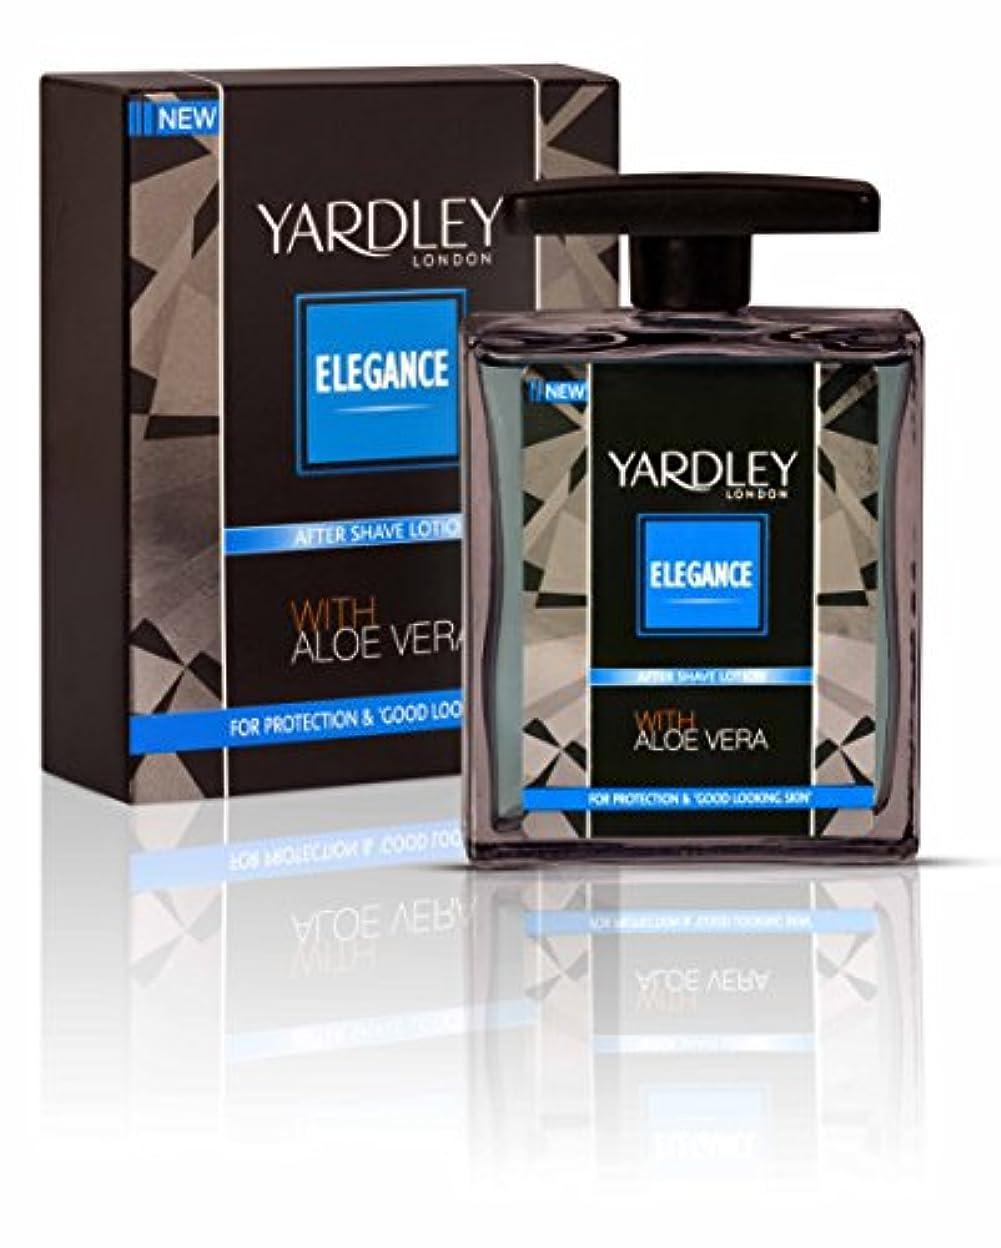 再発する可塑性スリラーYardley London Elegance After Shave Lotion With Aloe Vera 50ml